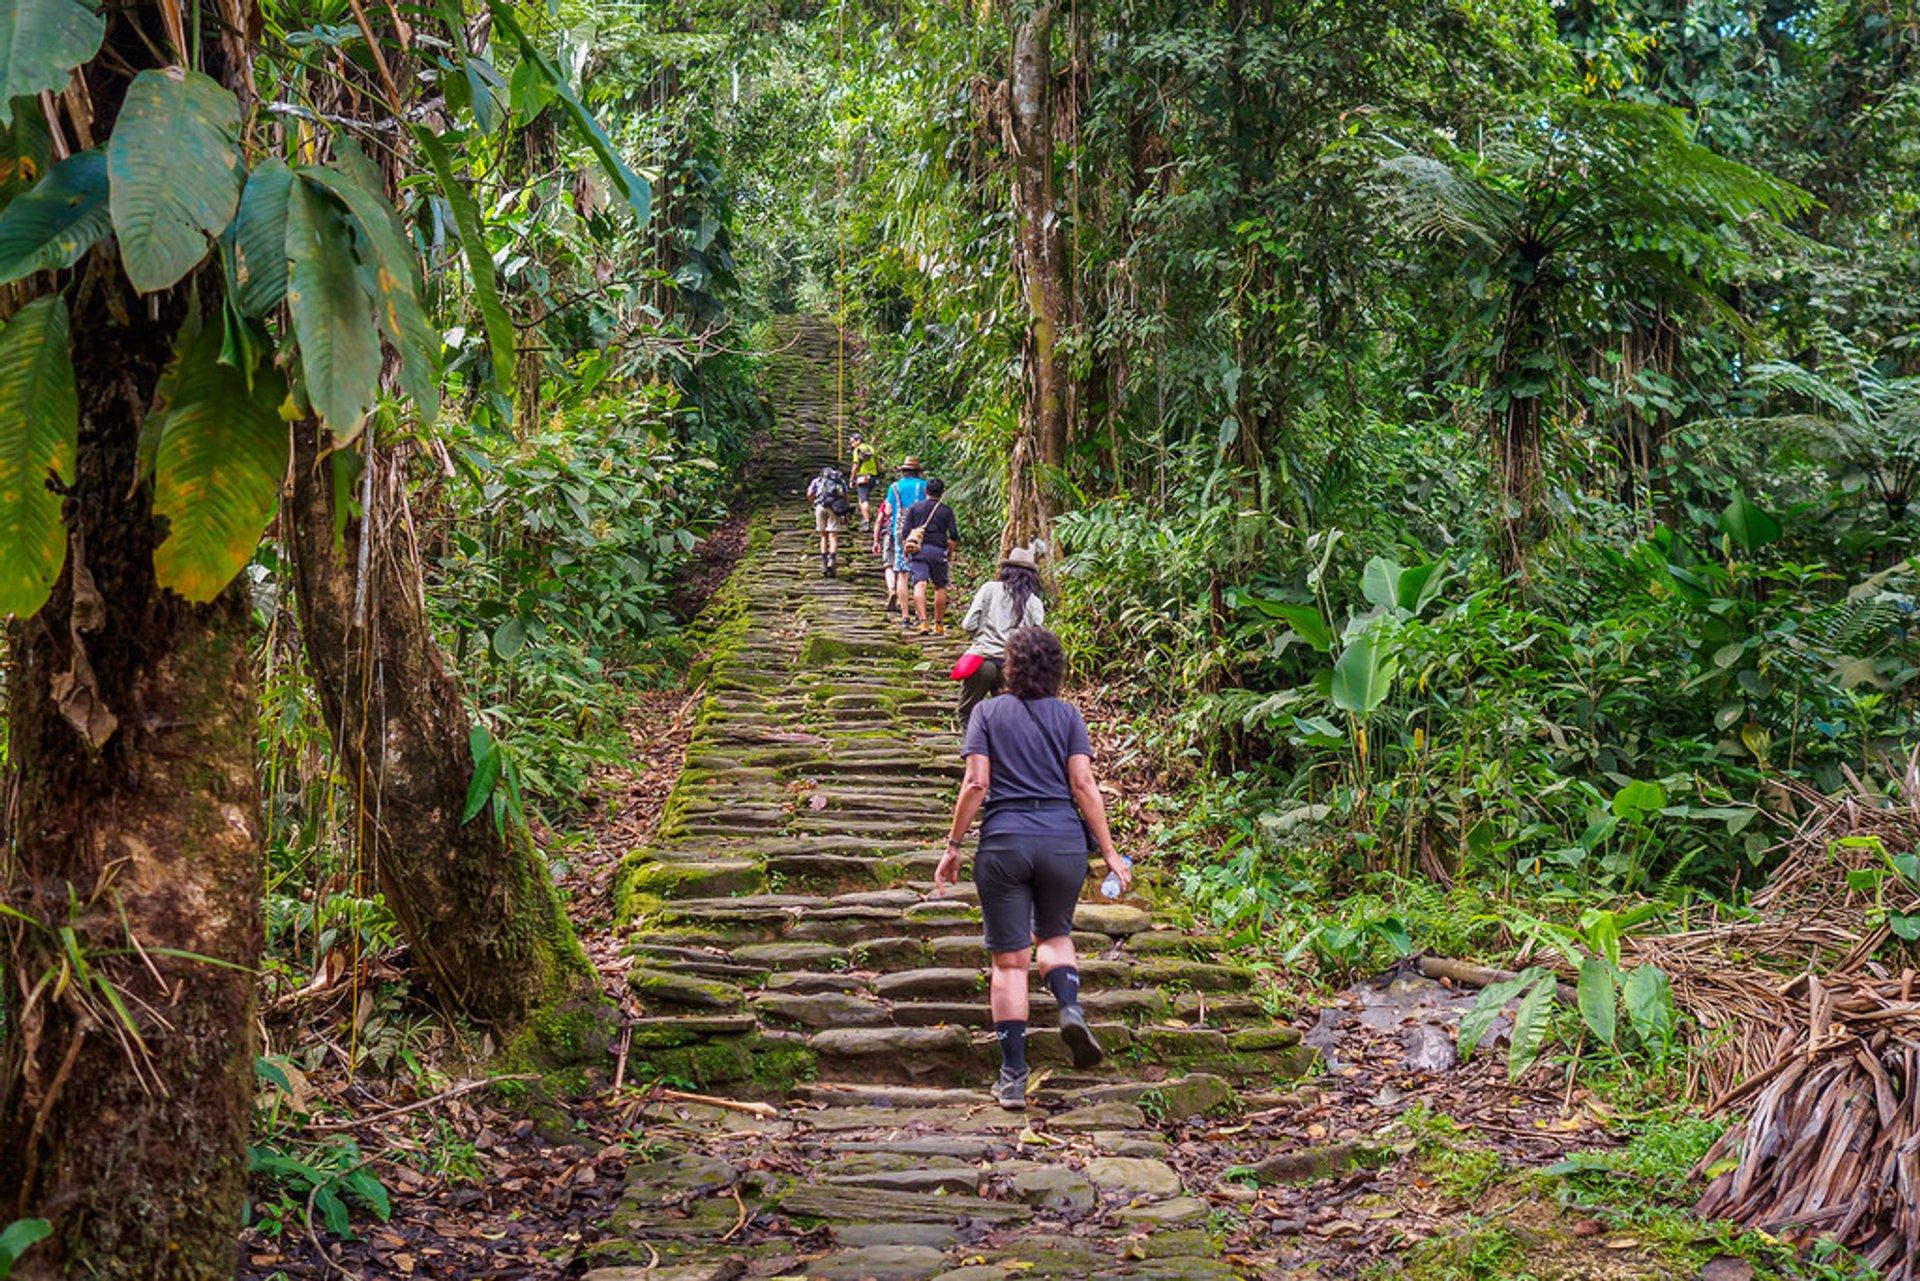 Viajeros suben escaleras en medio de la selva hacia Ciudad Perdida